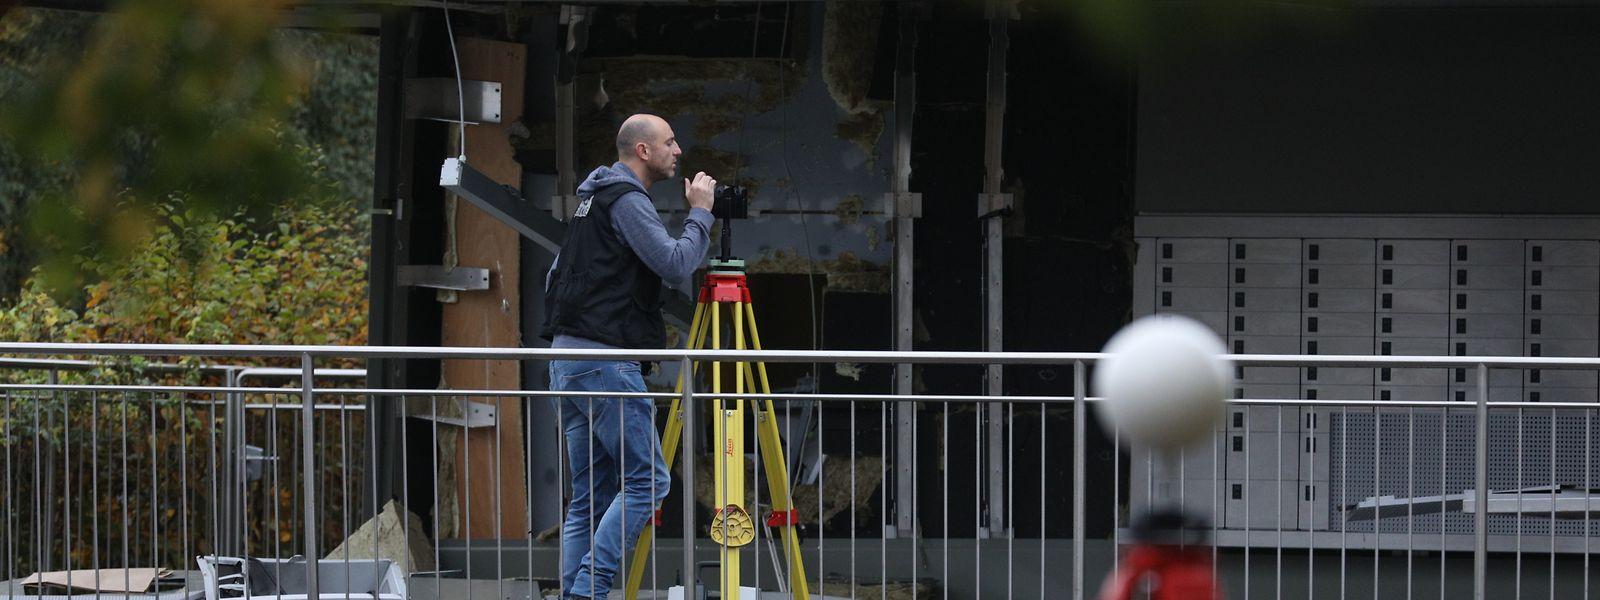 In der Nacht zum 17. Oktober sprengten Täter einen Automaten aus der Wand. Die Kriminalpolizei sicherte am Tag danach die Spuren.